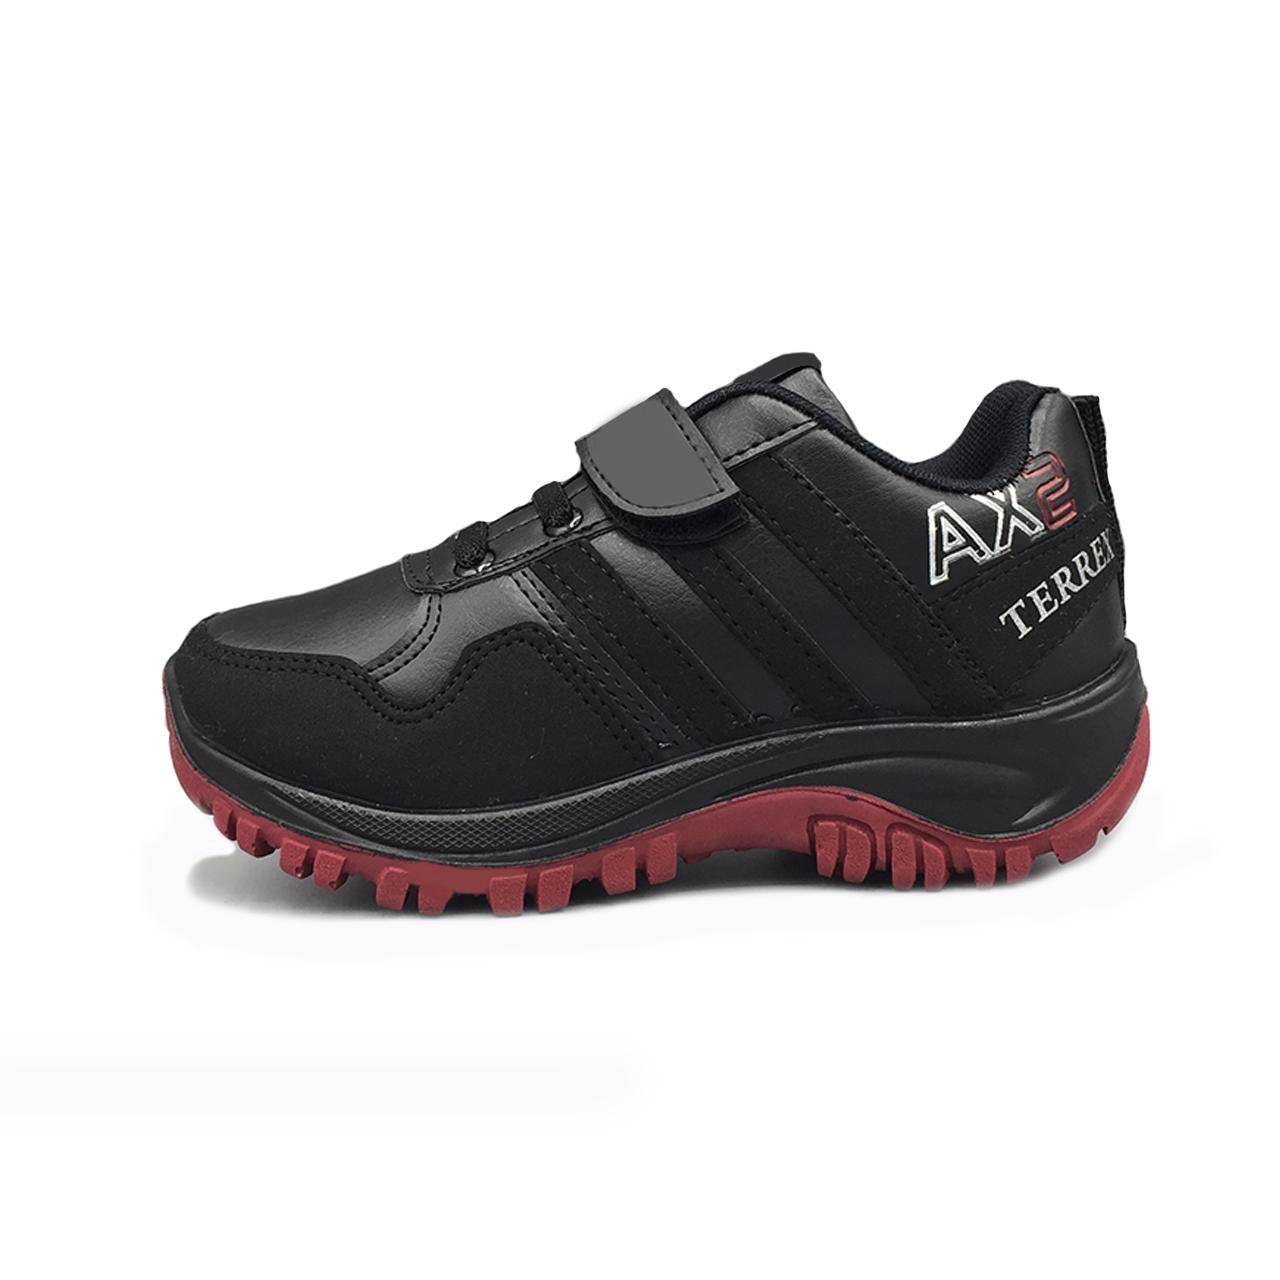 کفش مخصوص پیاده روی مدل TERREX-AX2-ME